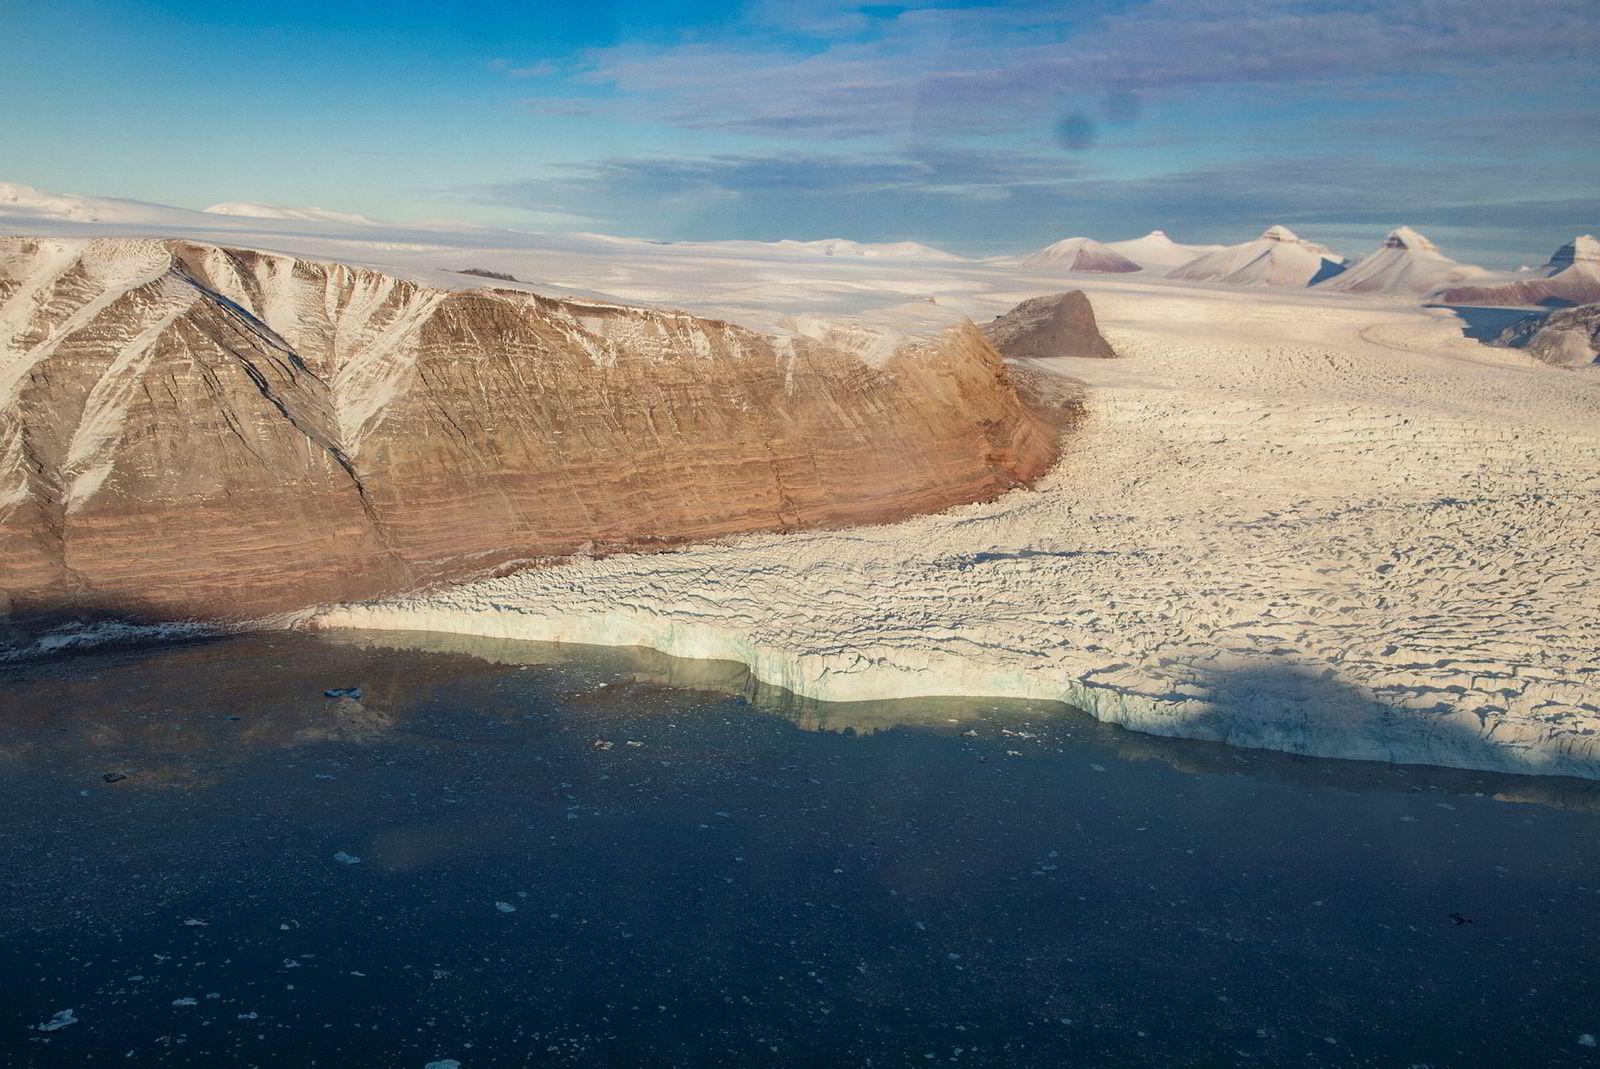 En av de store breene som kalver ut i Kongsfjorden ved Ny-Ålesund på Svalbard. Isbreer krymper og mister masse over hele Svalbard, hvor klimaendringene går raskere enn noe annet område på kloden.